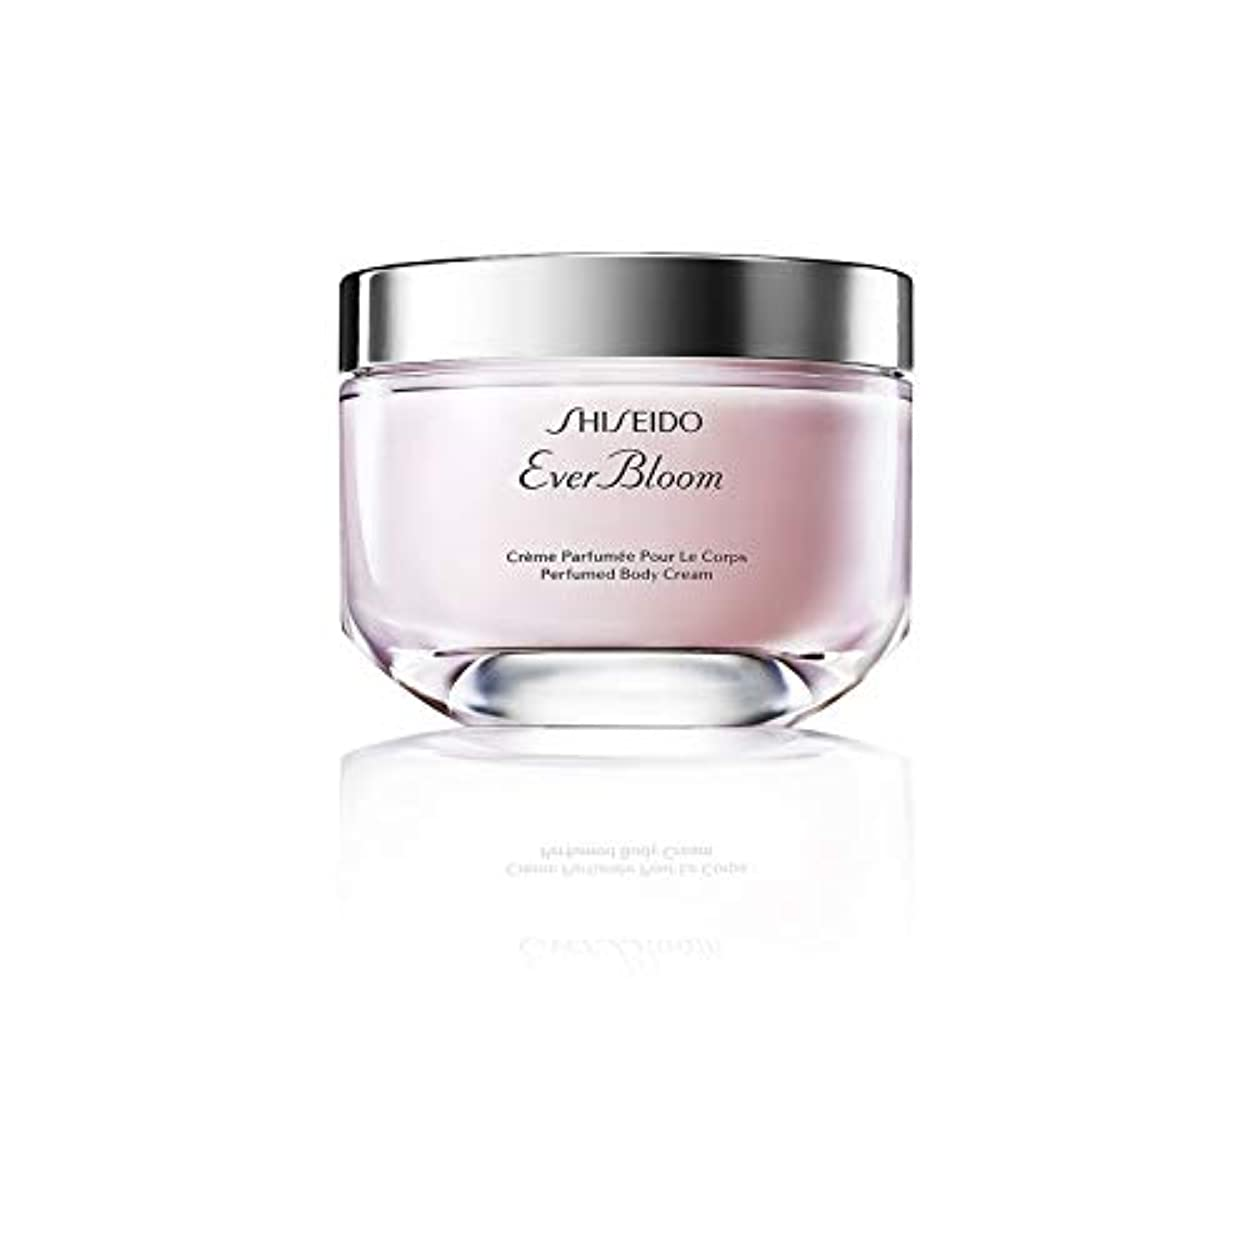 帝国主義で出来ているパール[Shiseido] 資生堂これまでブルームボディクリーム(30ミリリットル) - Shiseido Ever Bloom Body Cream (30ml) [並行輸入品]